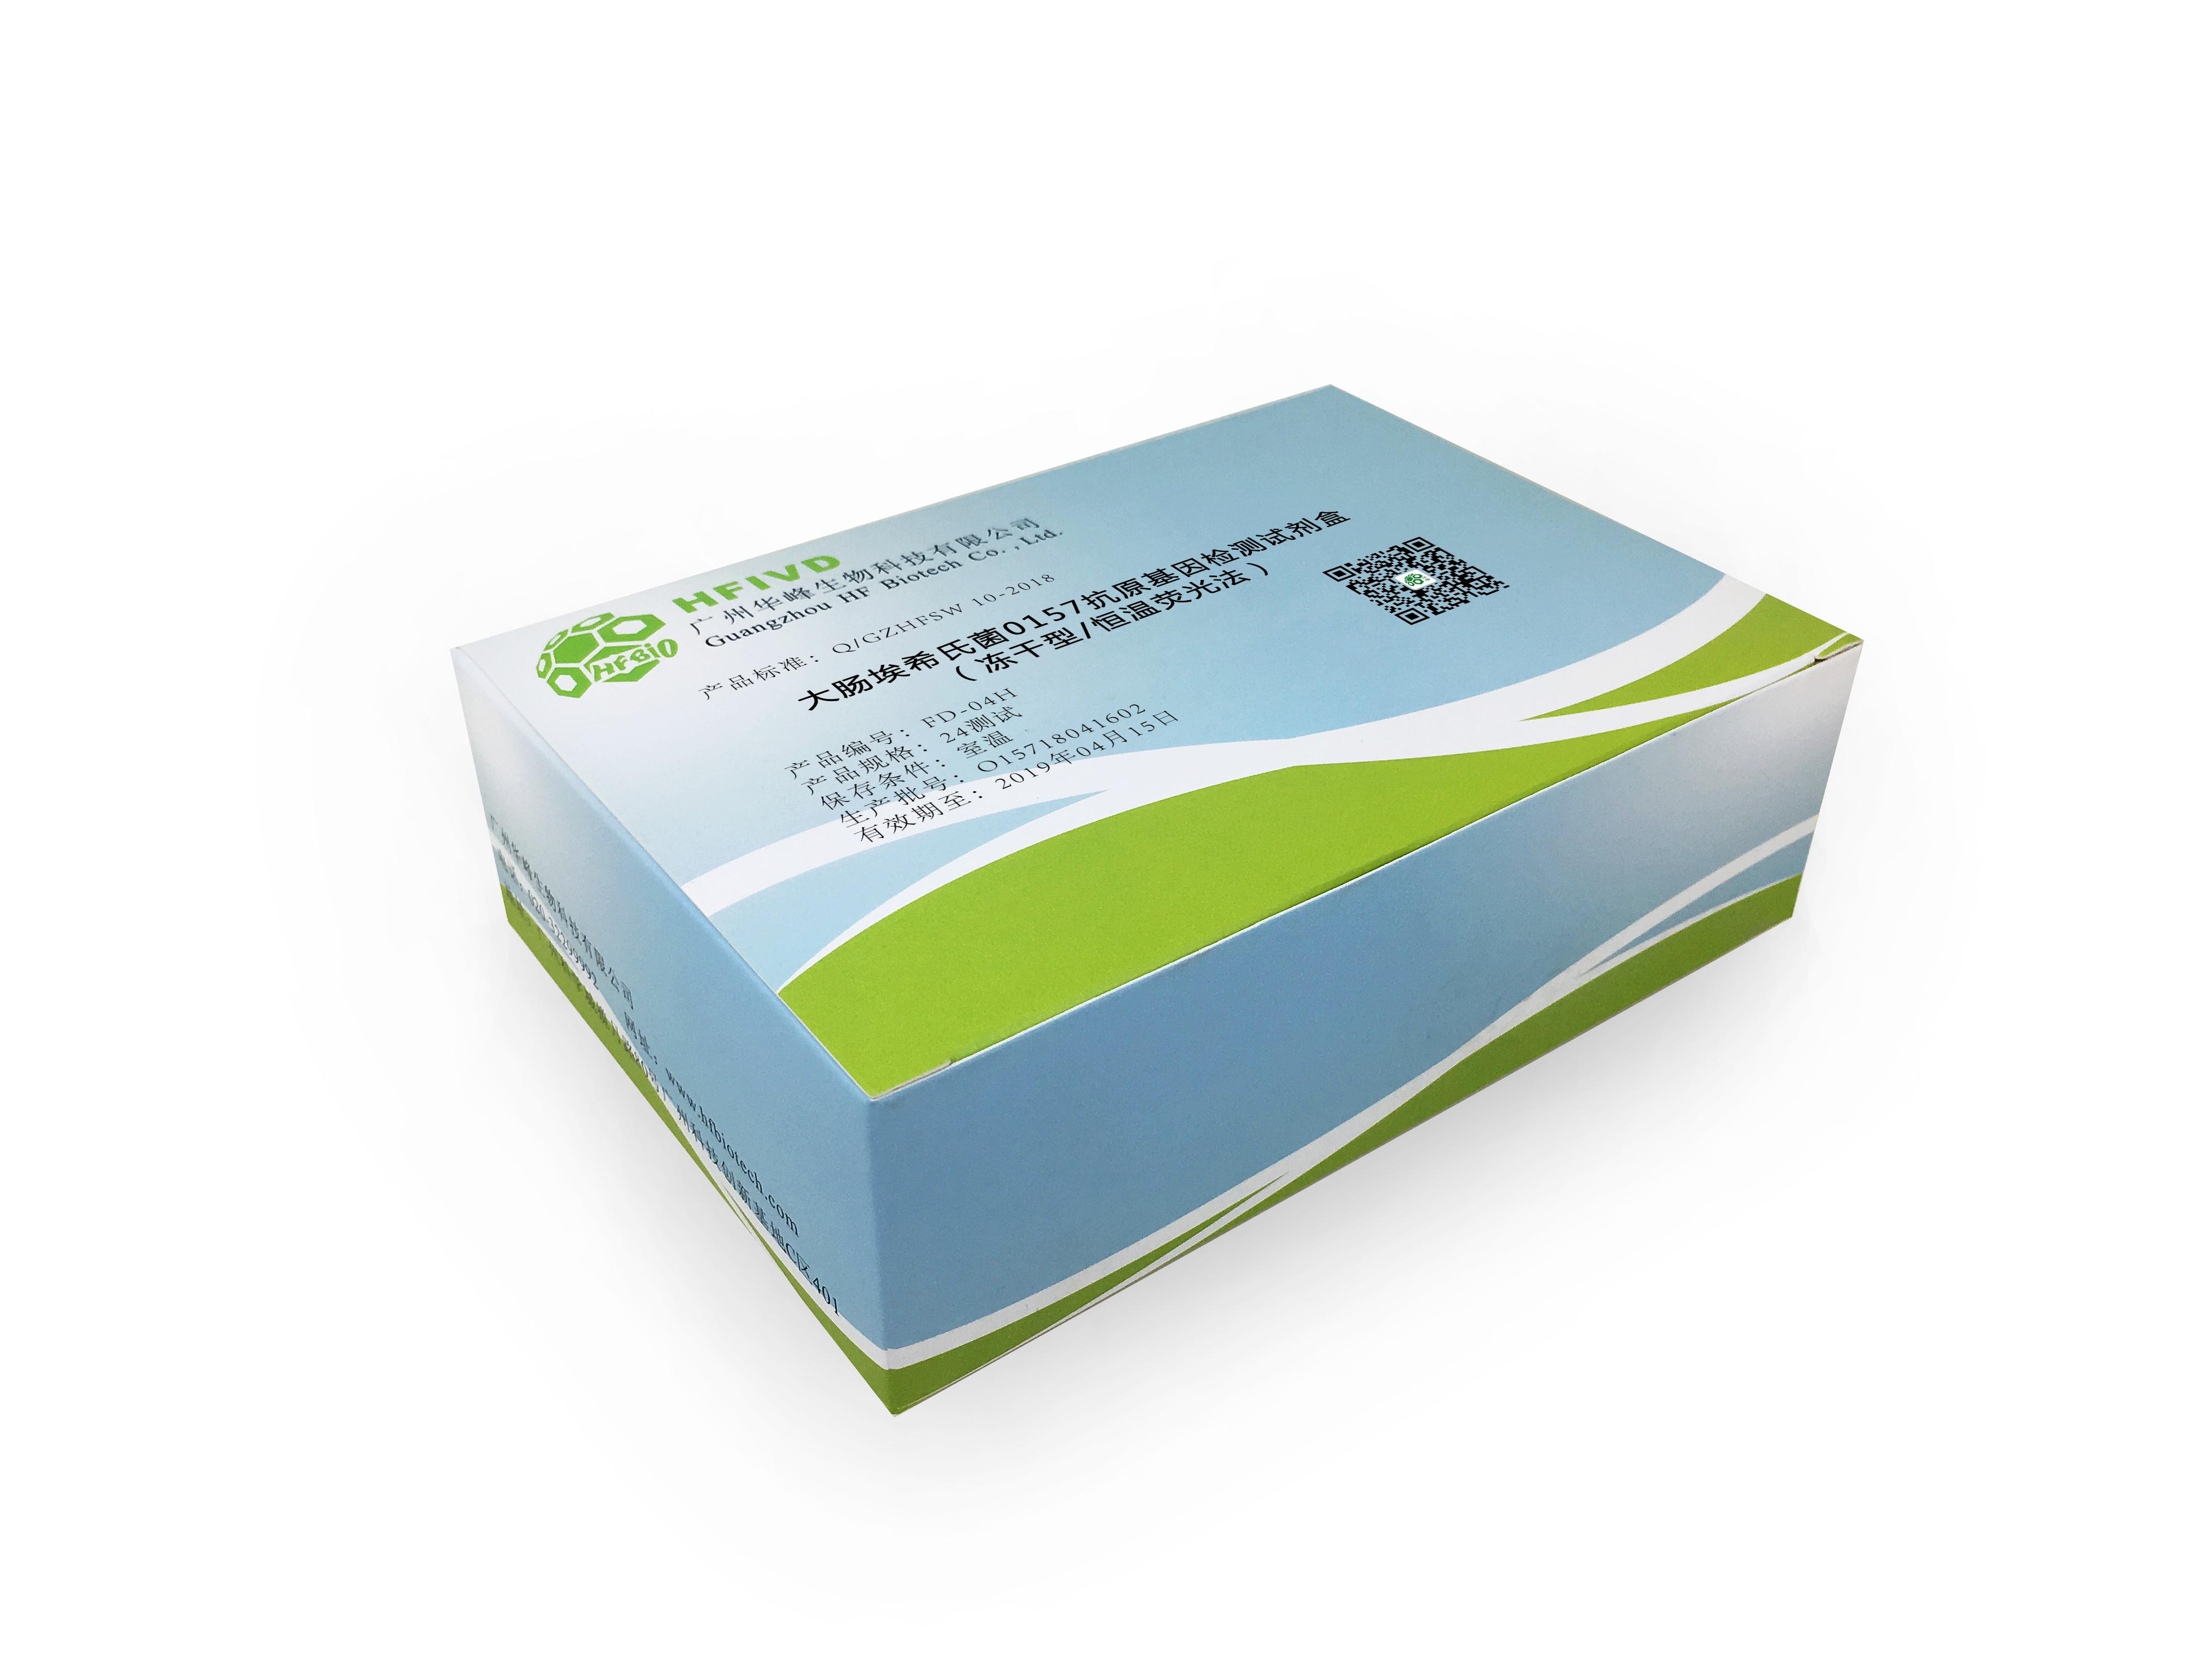 大肠埃希氏菌O157抗原基因核酸检测试剂盒(冻干型/恒温显色法)